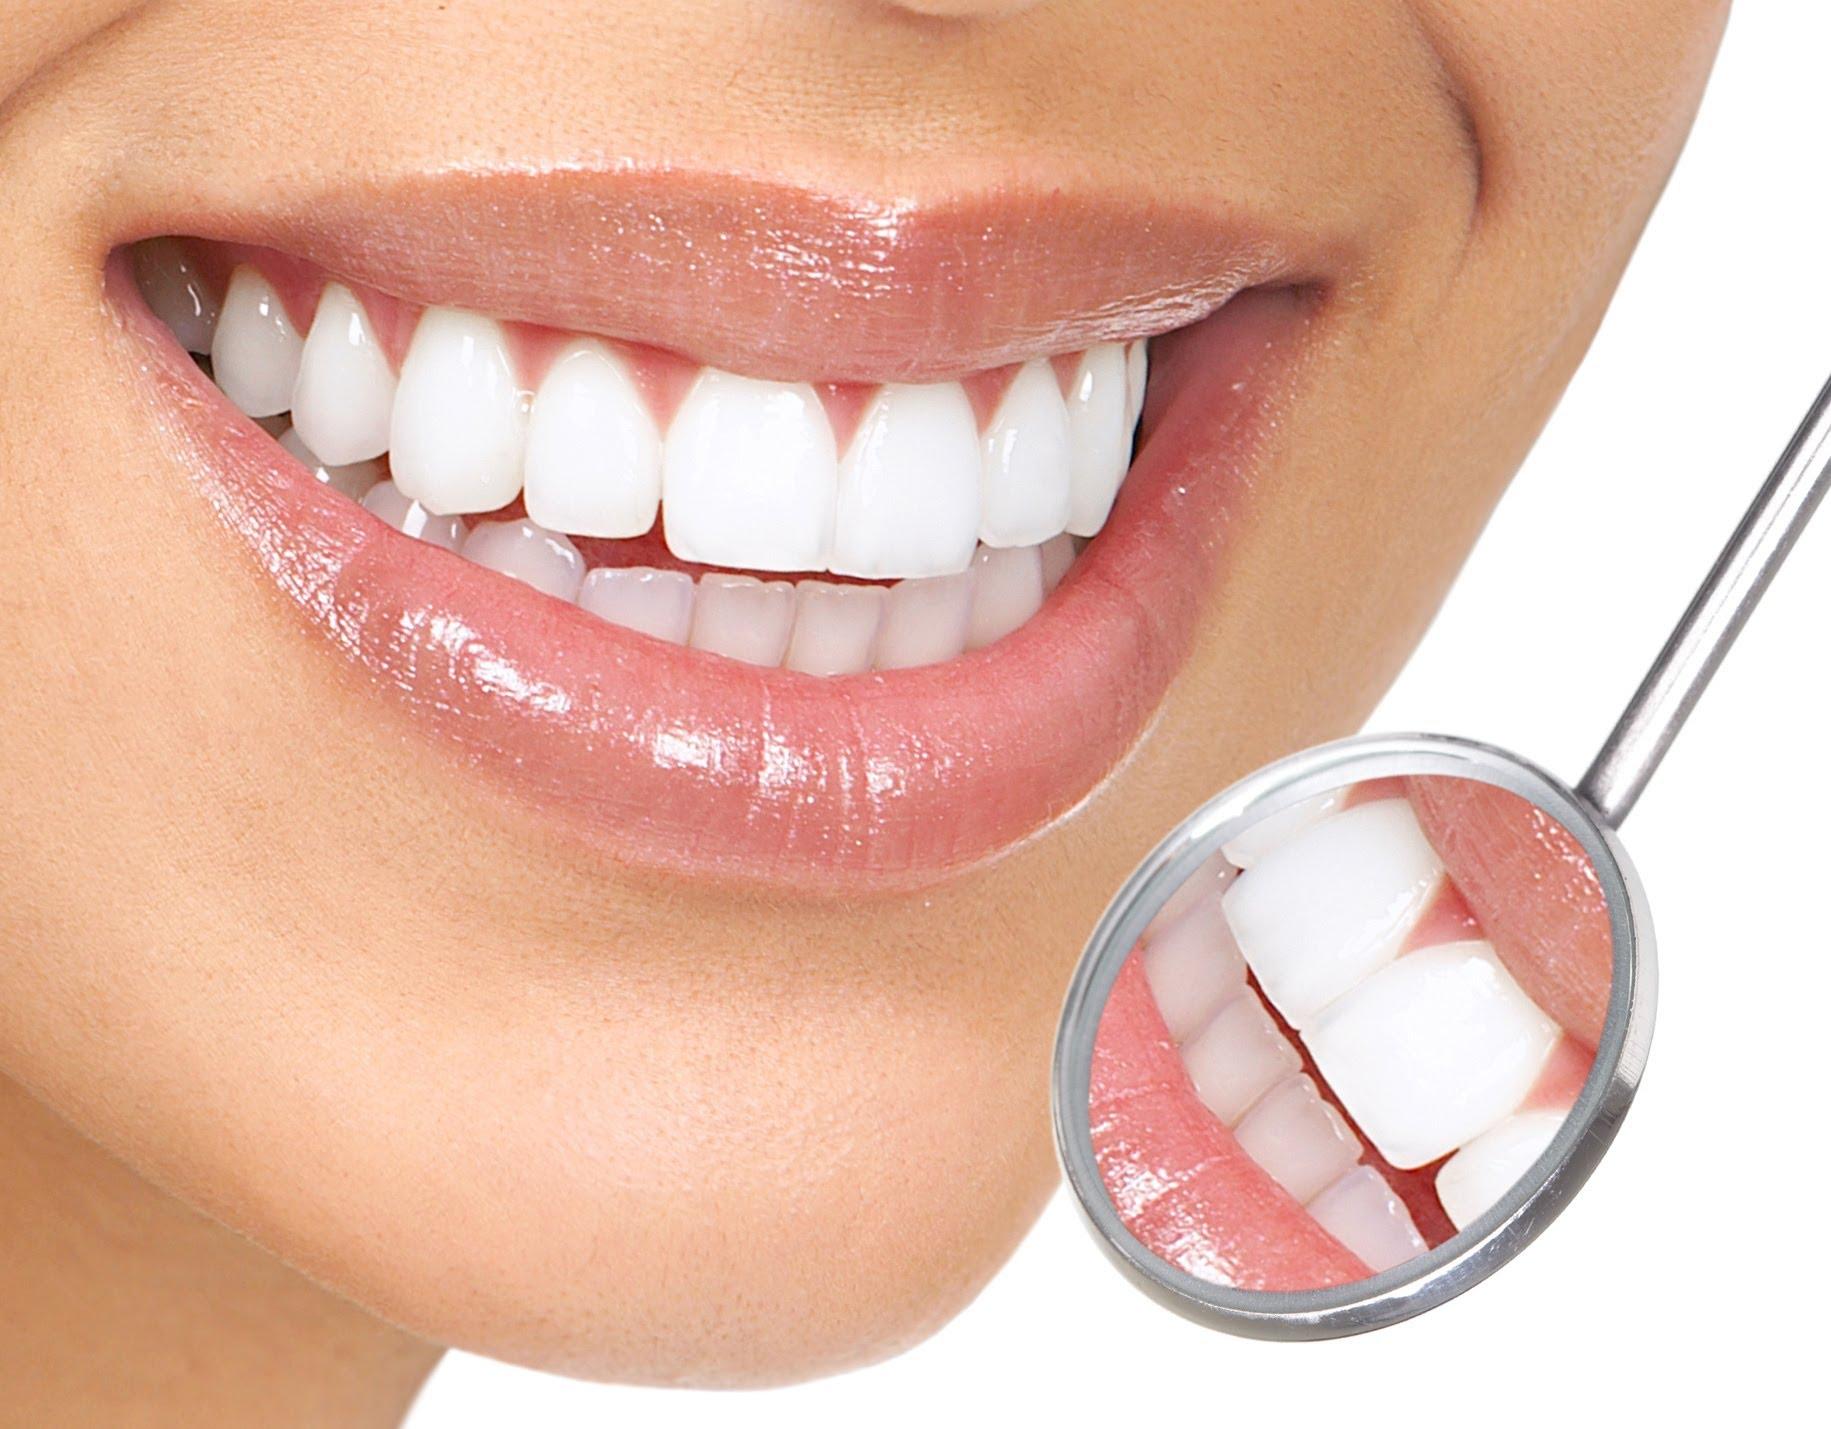 كيف يمكنك الحفاظ على صحة أسنانك